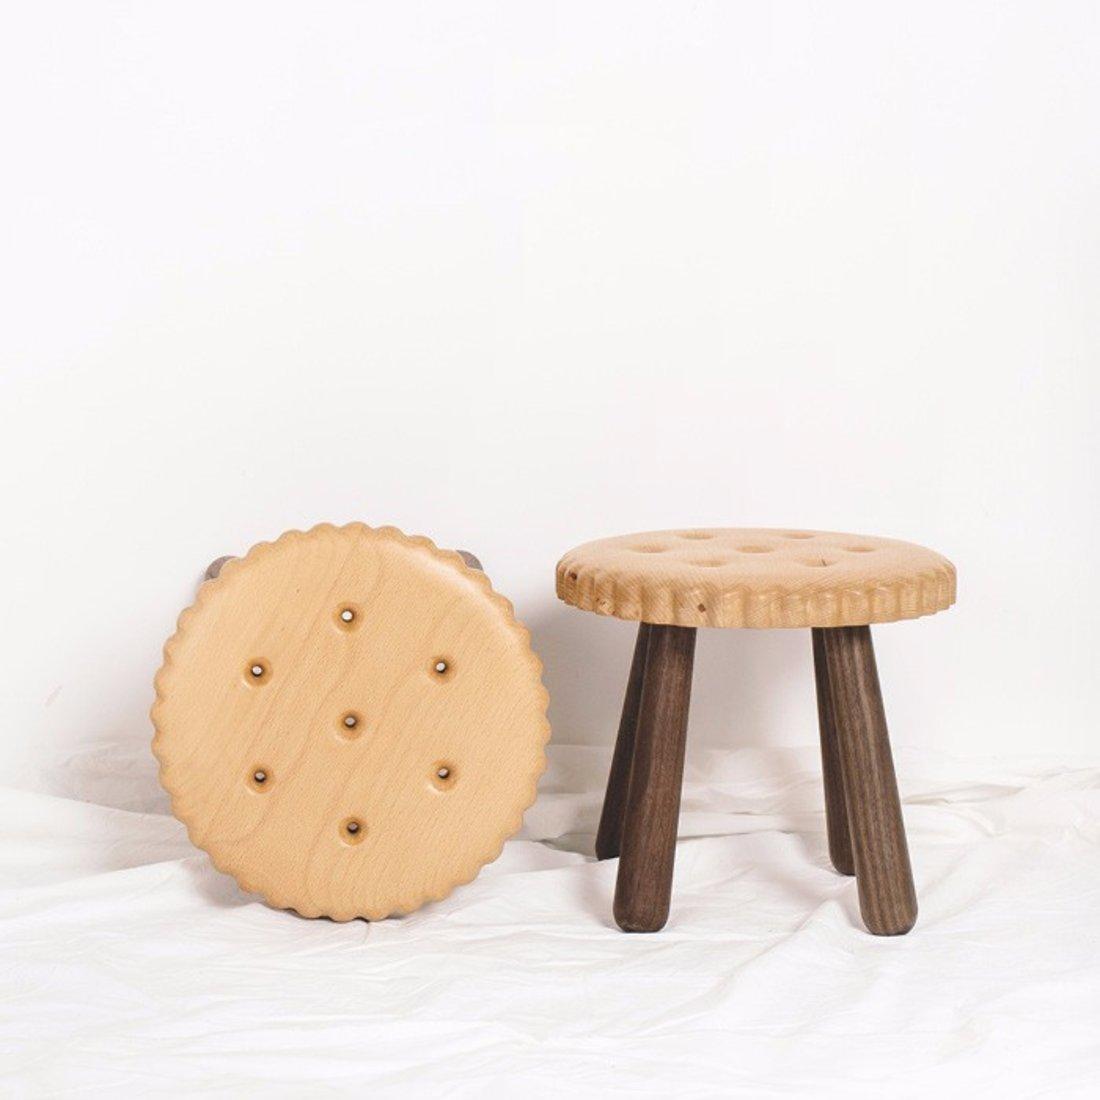 「饼干凳」榉木+黑胡桃木小板凳